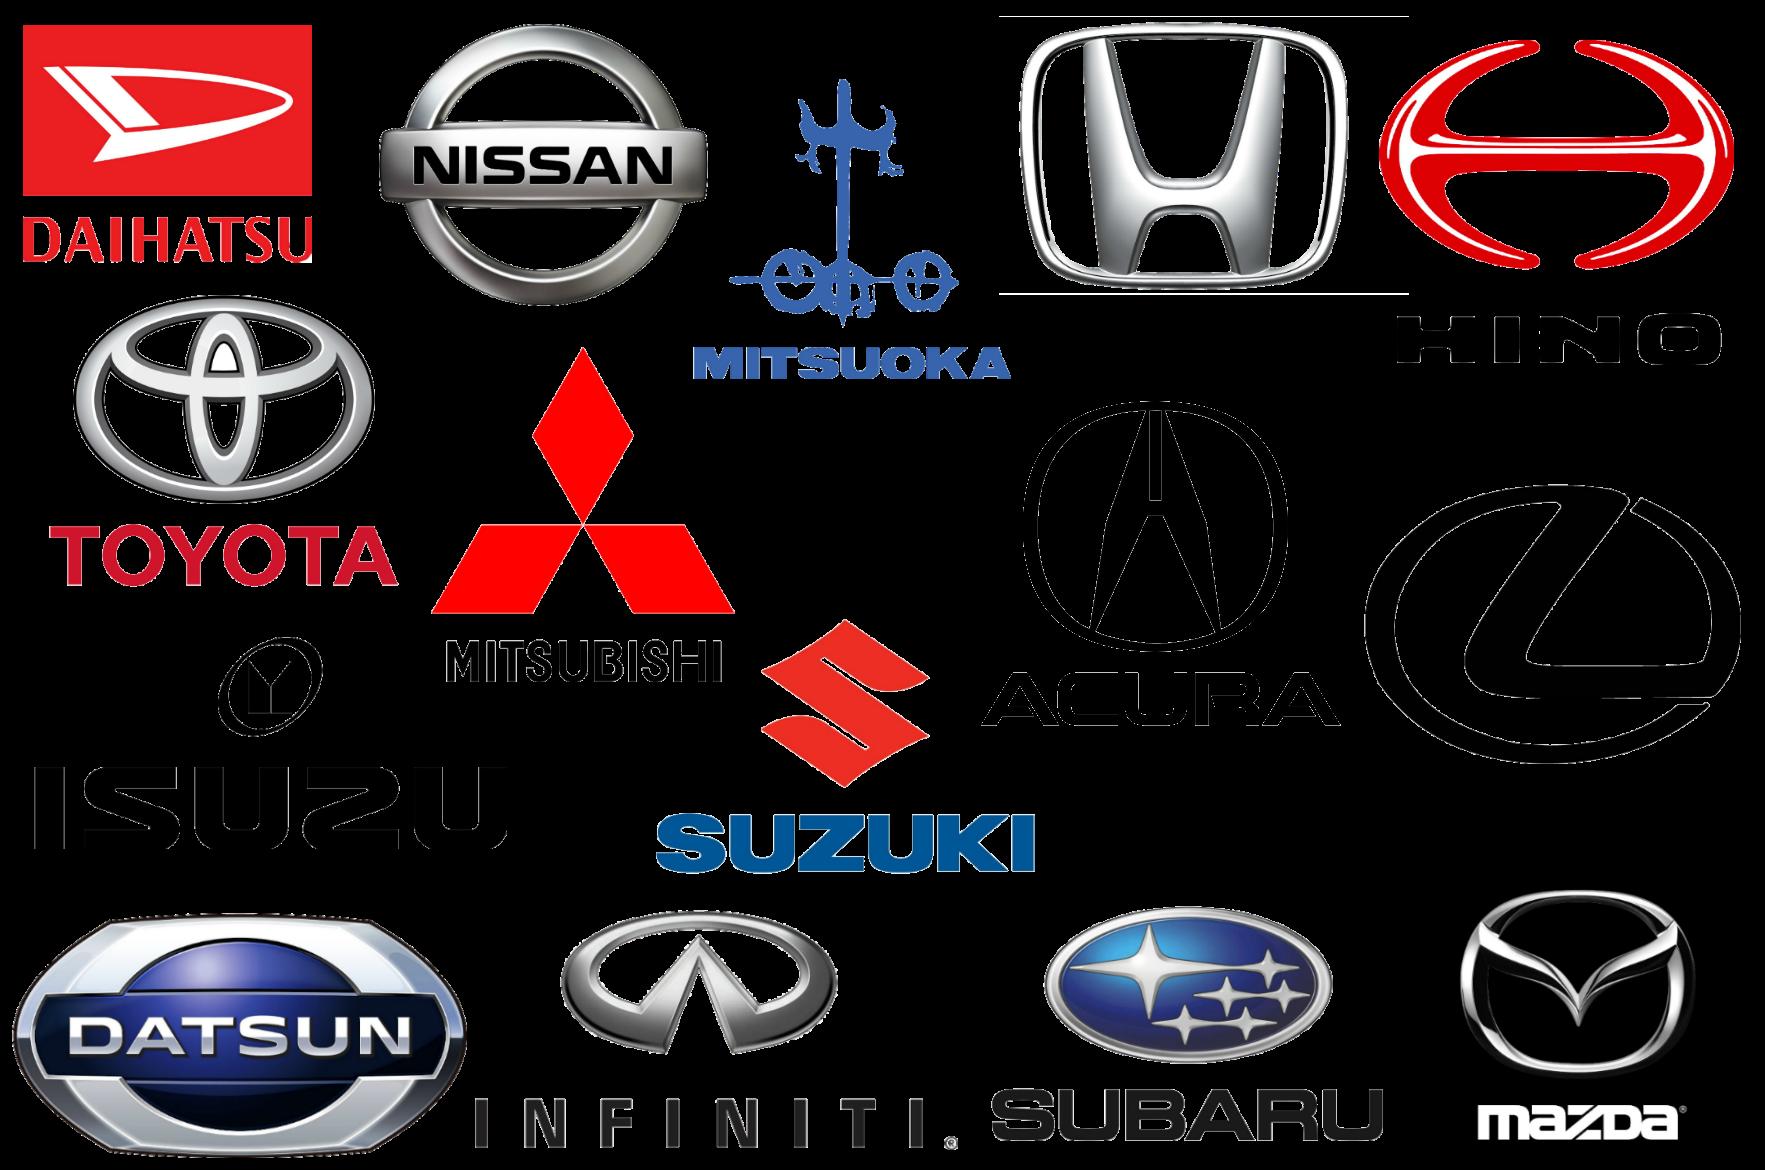 Carros Japoneses são os melhores no que toca à fiabilidade a nível europeu